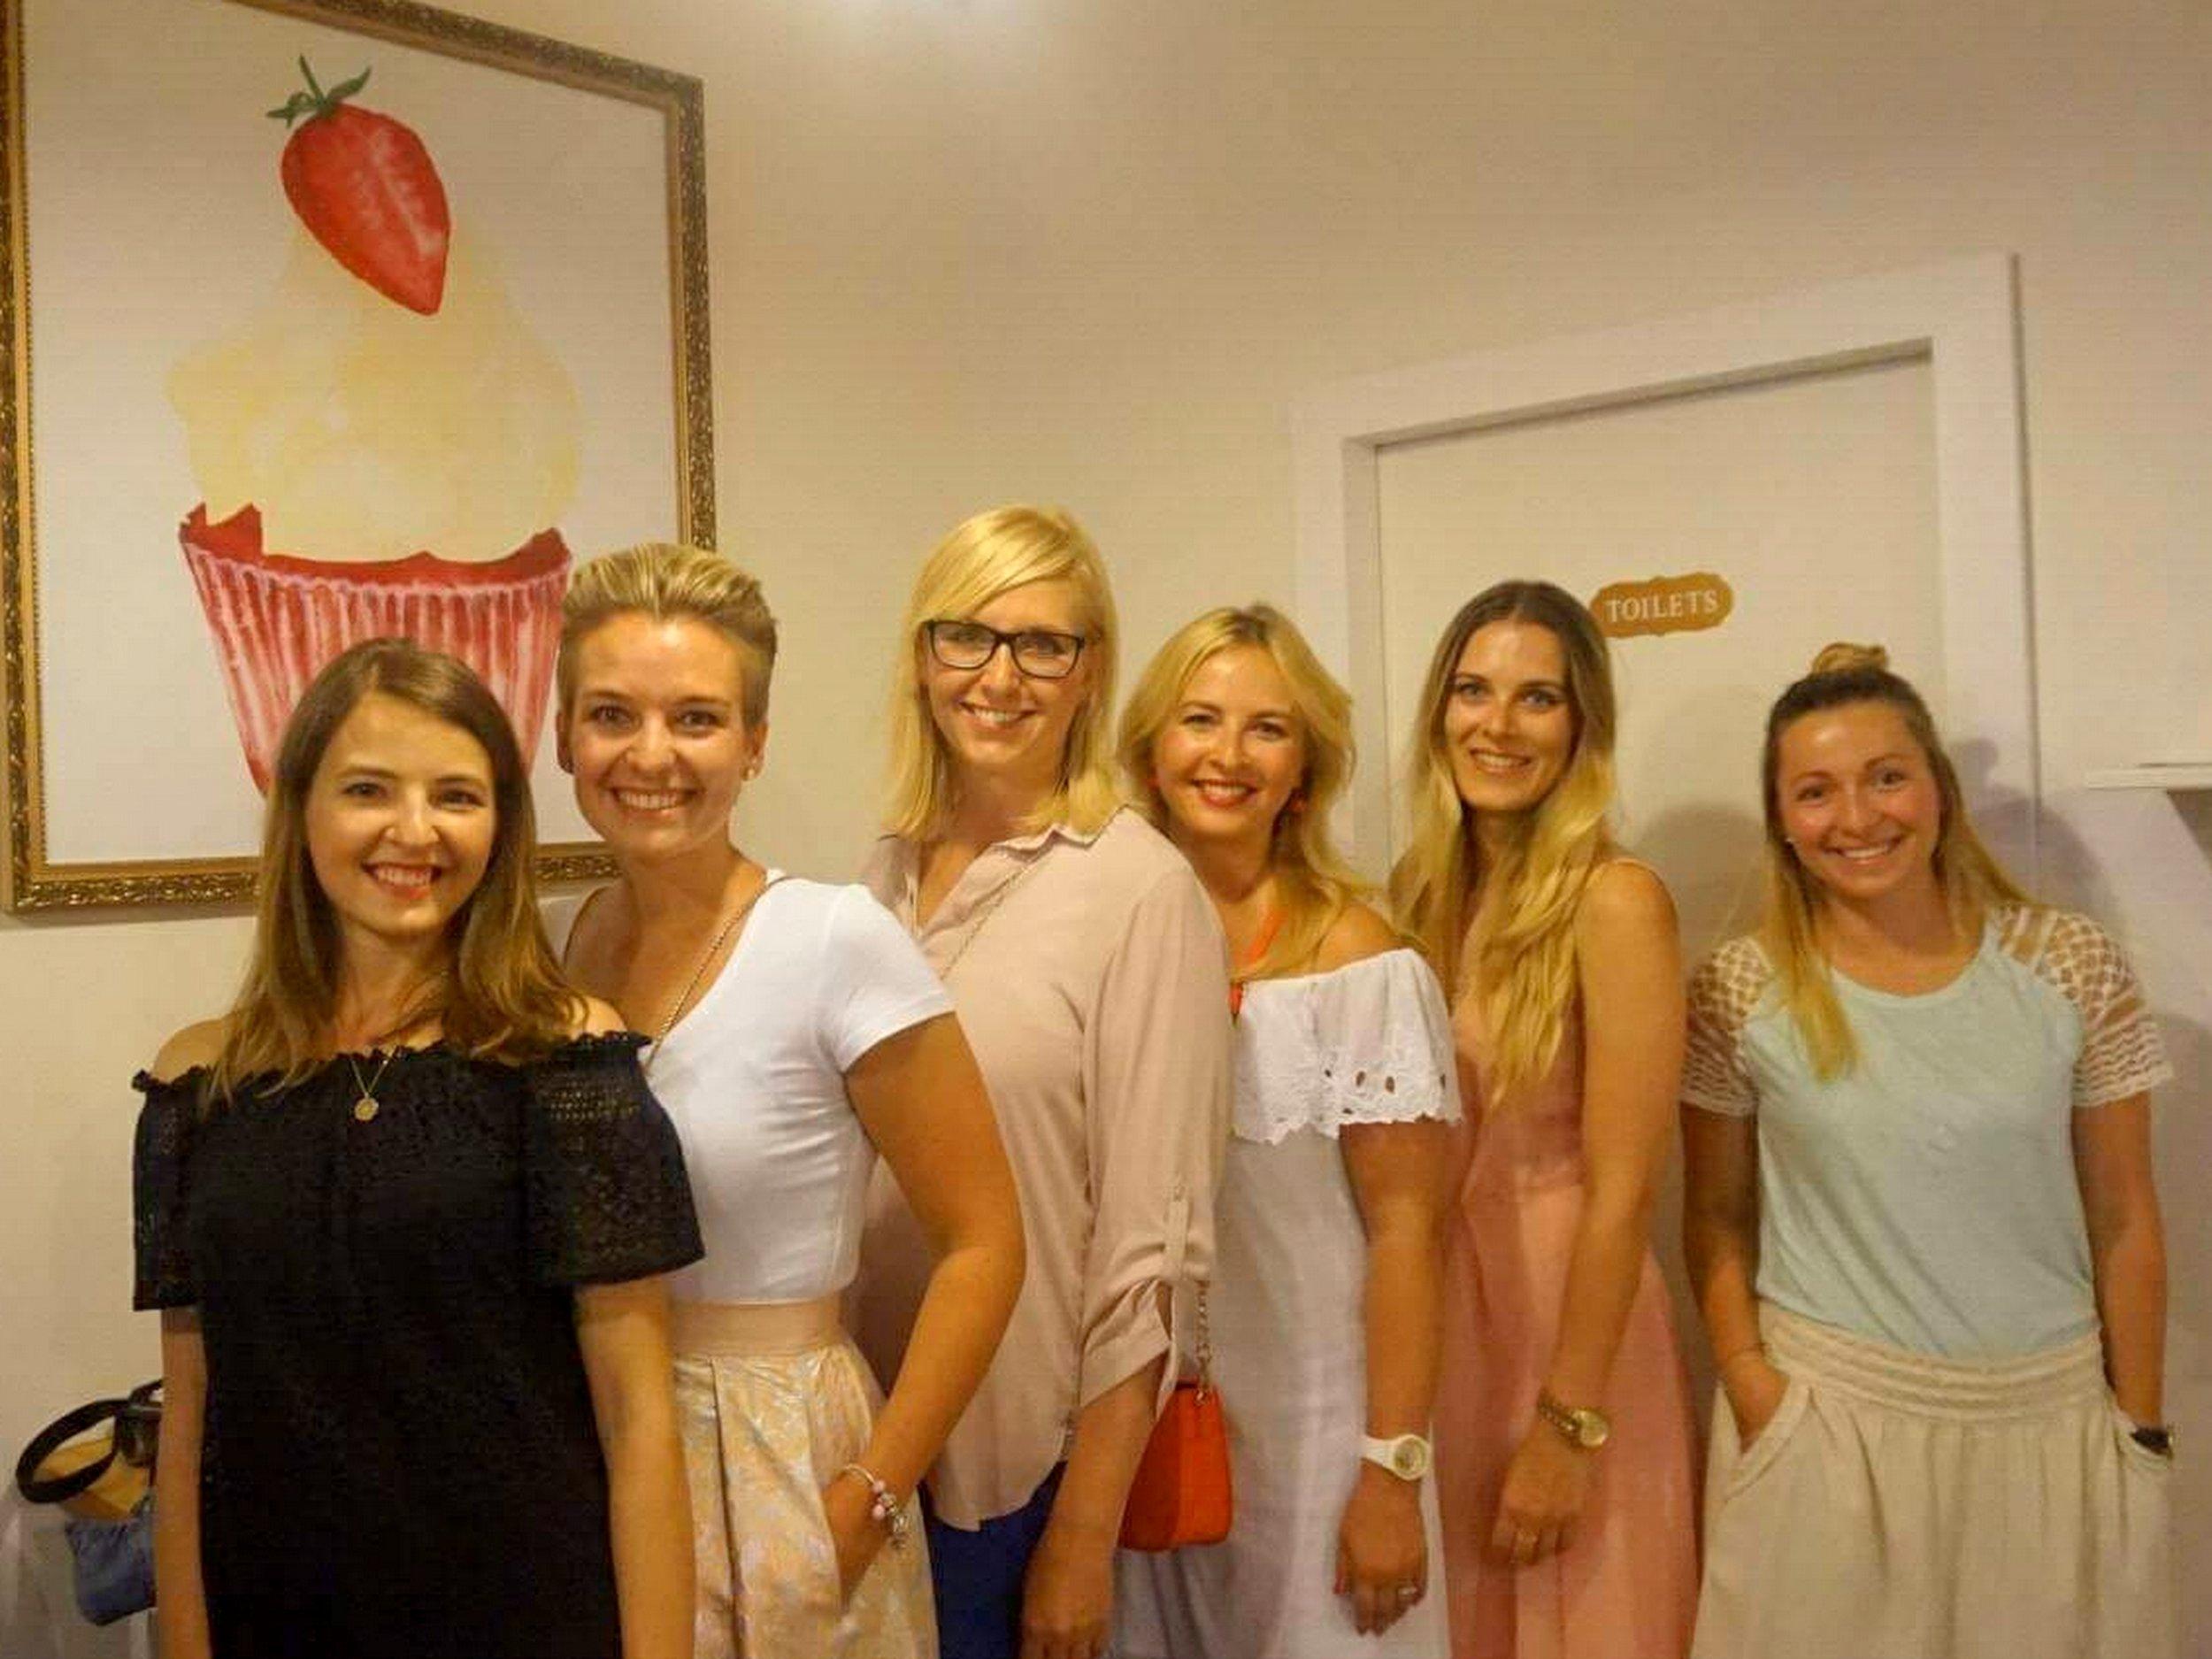 Naše skvělá sestava - Terezka, já, Katy, Dituš, Lucka (The Hubs) a Pája (Betty&Co.) - mé skvělékamarádky/blogerky :-)